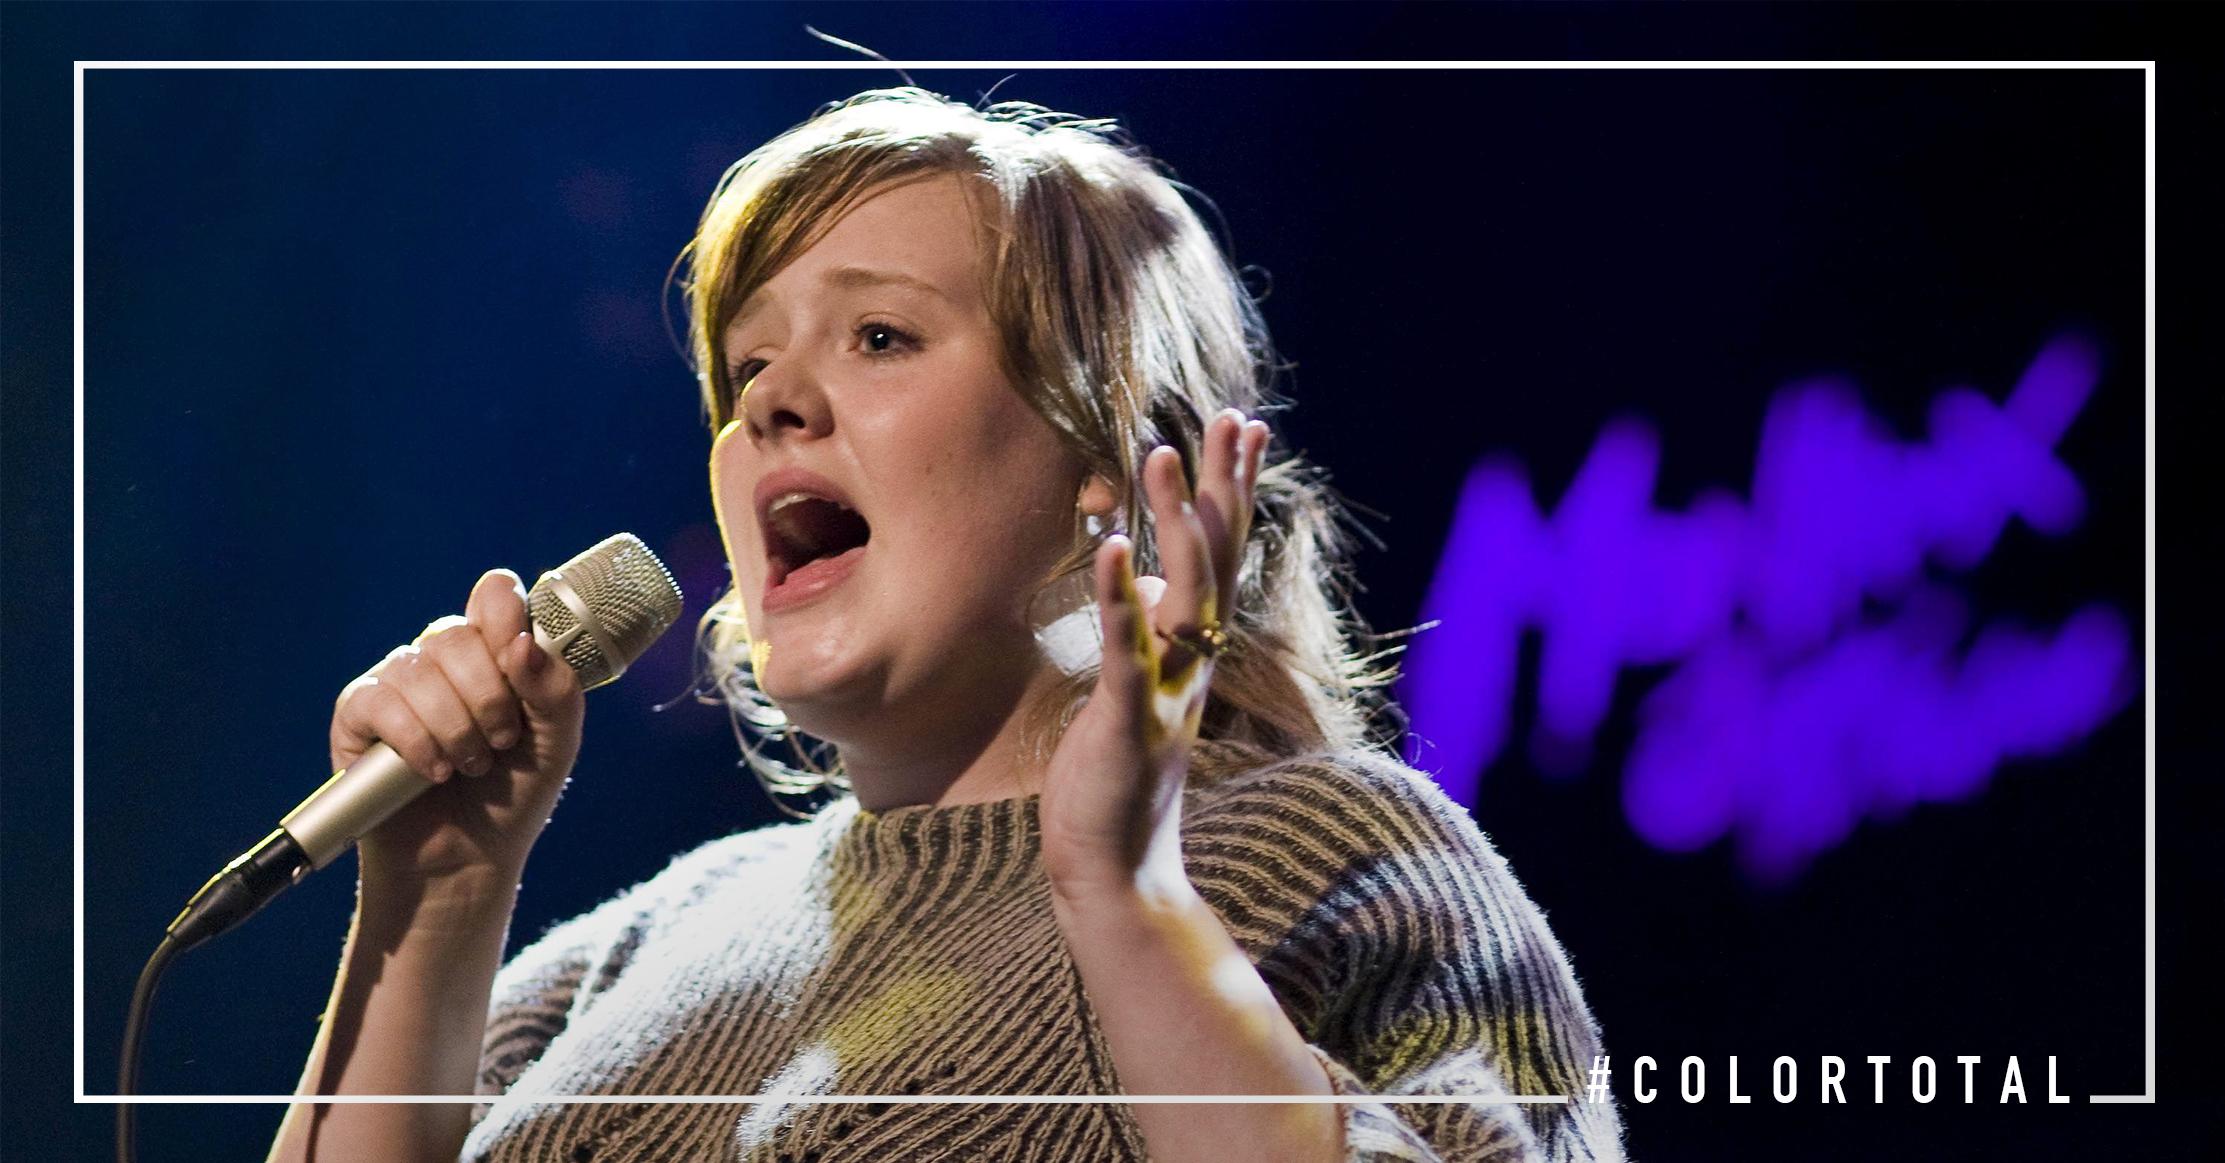 Los cambios de look de Adele